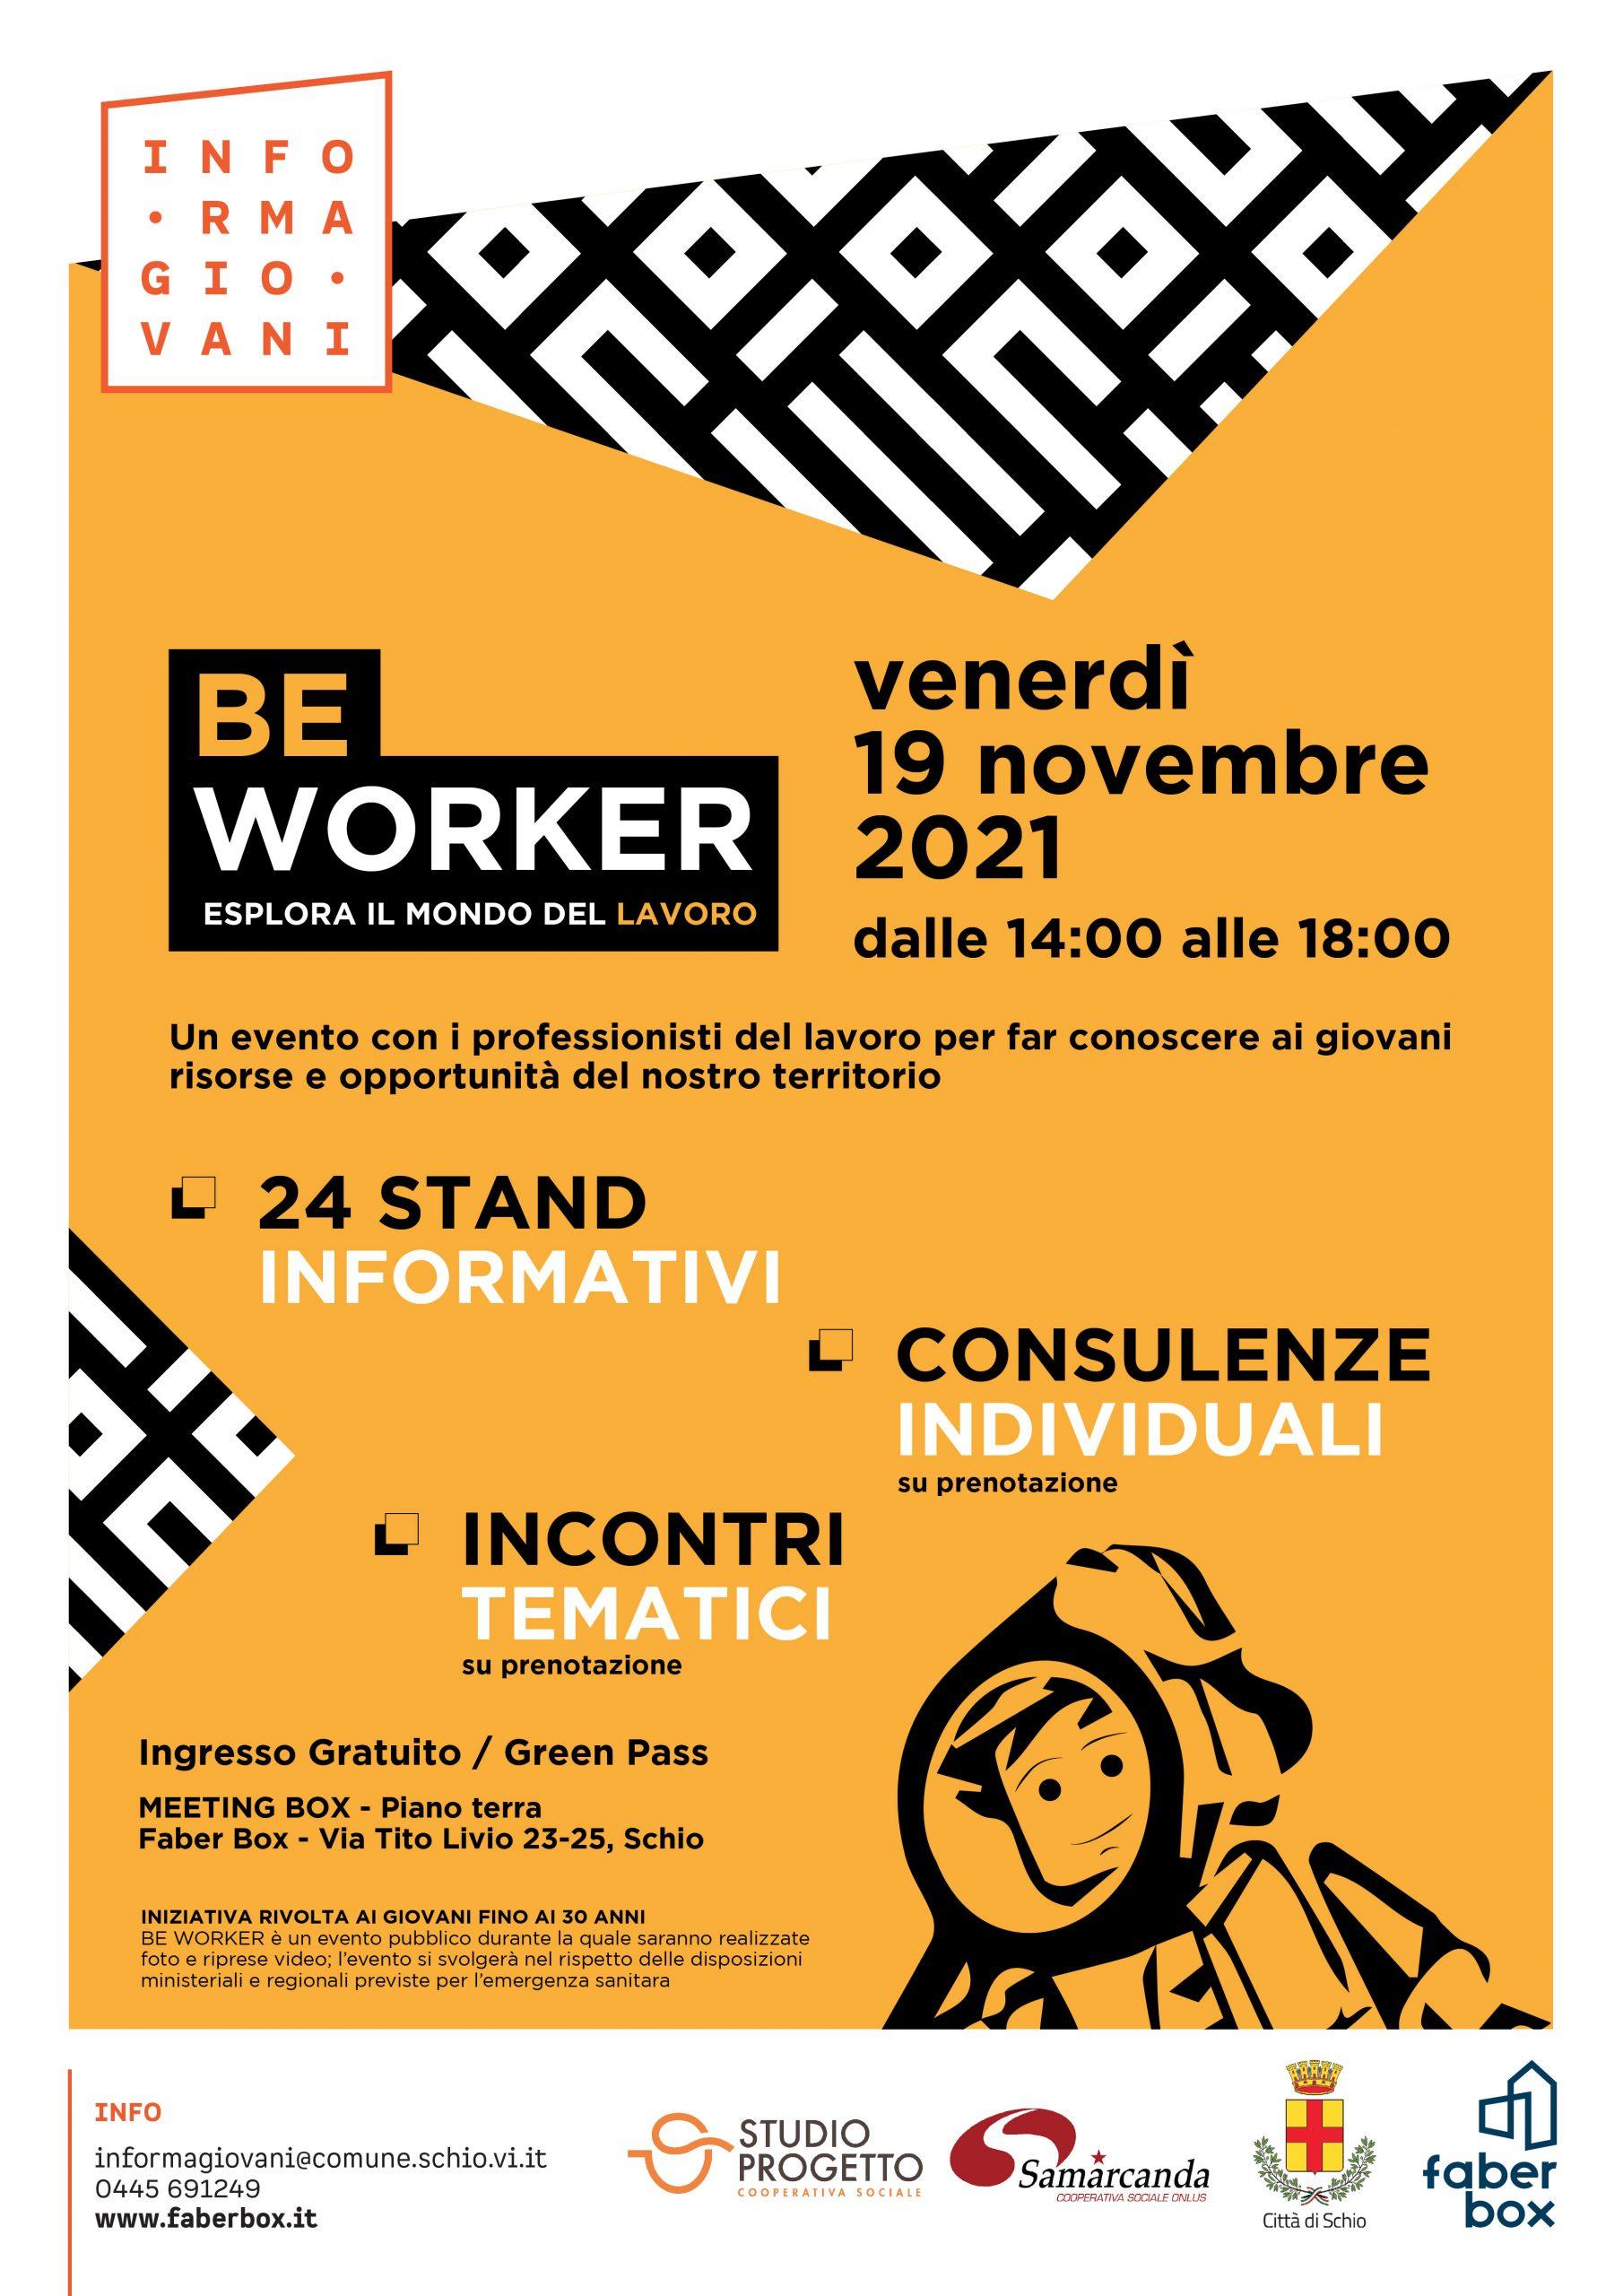 Be Worker 2021 – esplora il mondo del lavoro